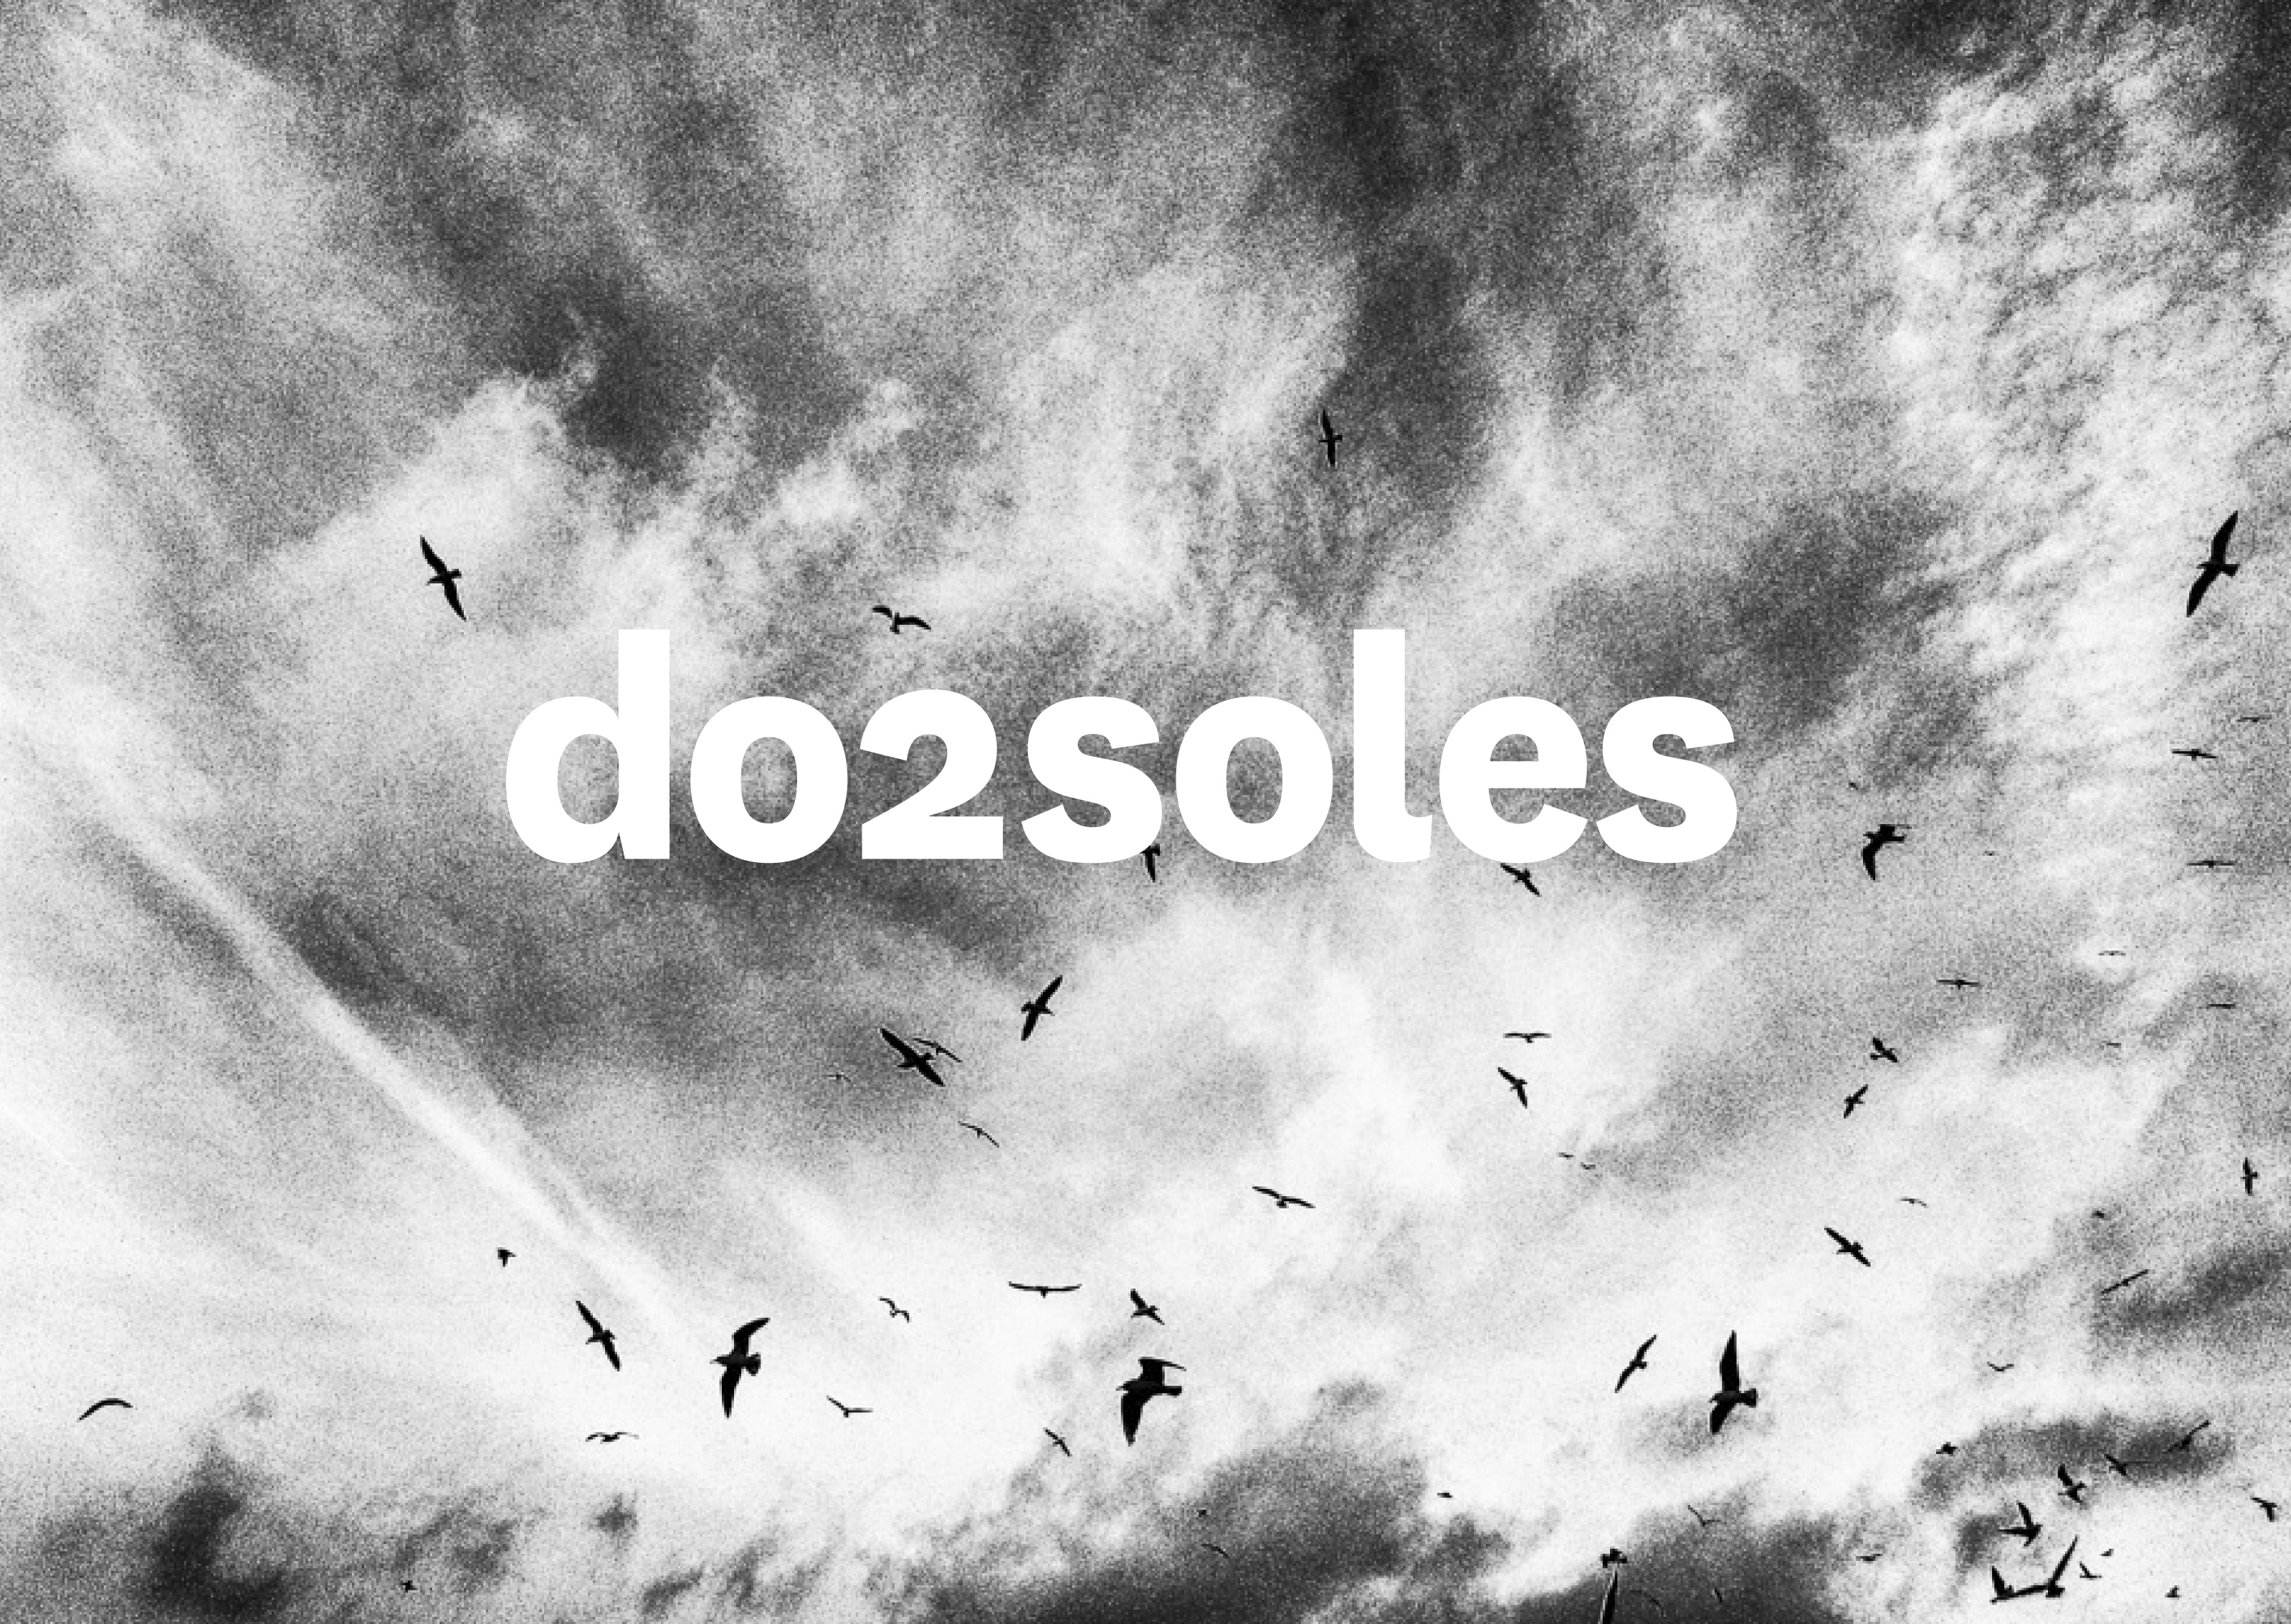 dos_soles_1.jpg